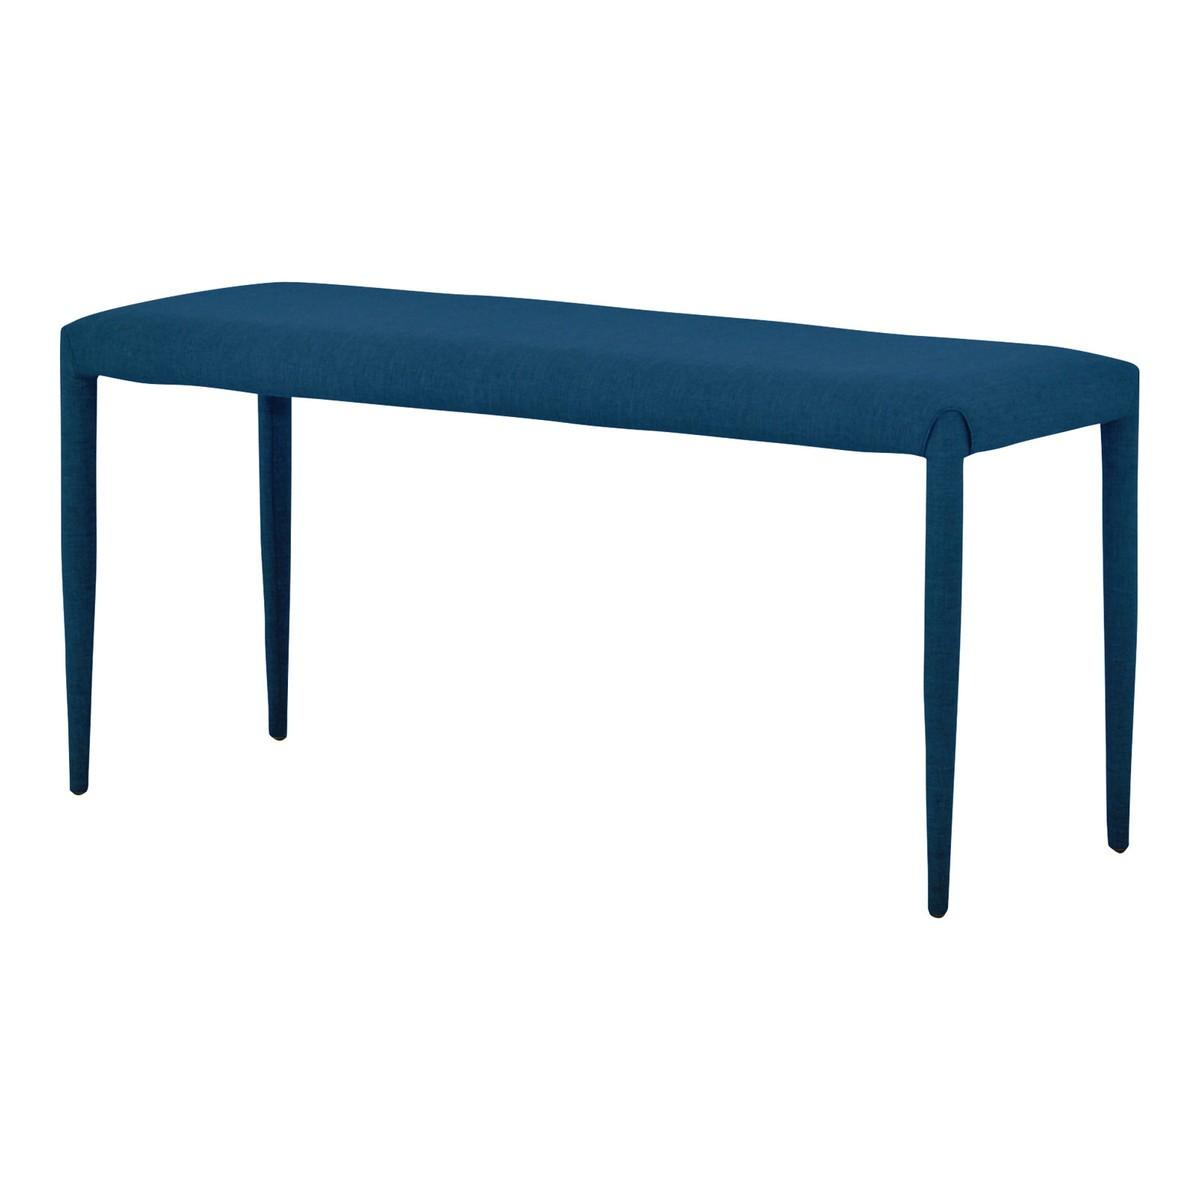 LUTINA ルティナ ダイニングベンチ 2人掛けサイズ 100cm幅 ブルー